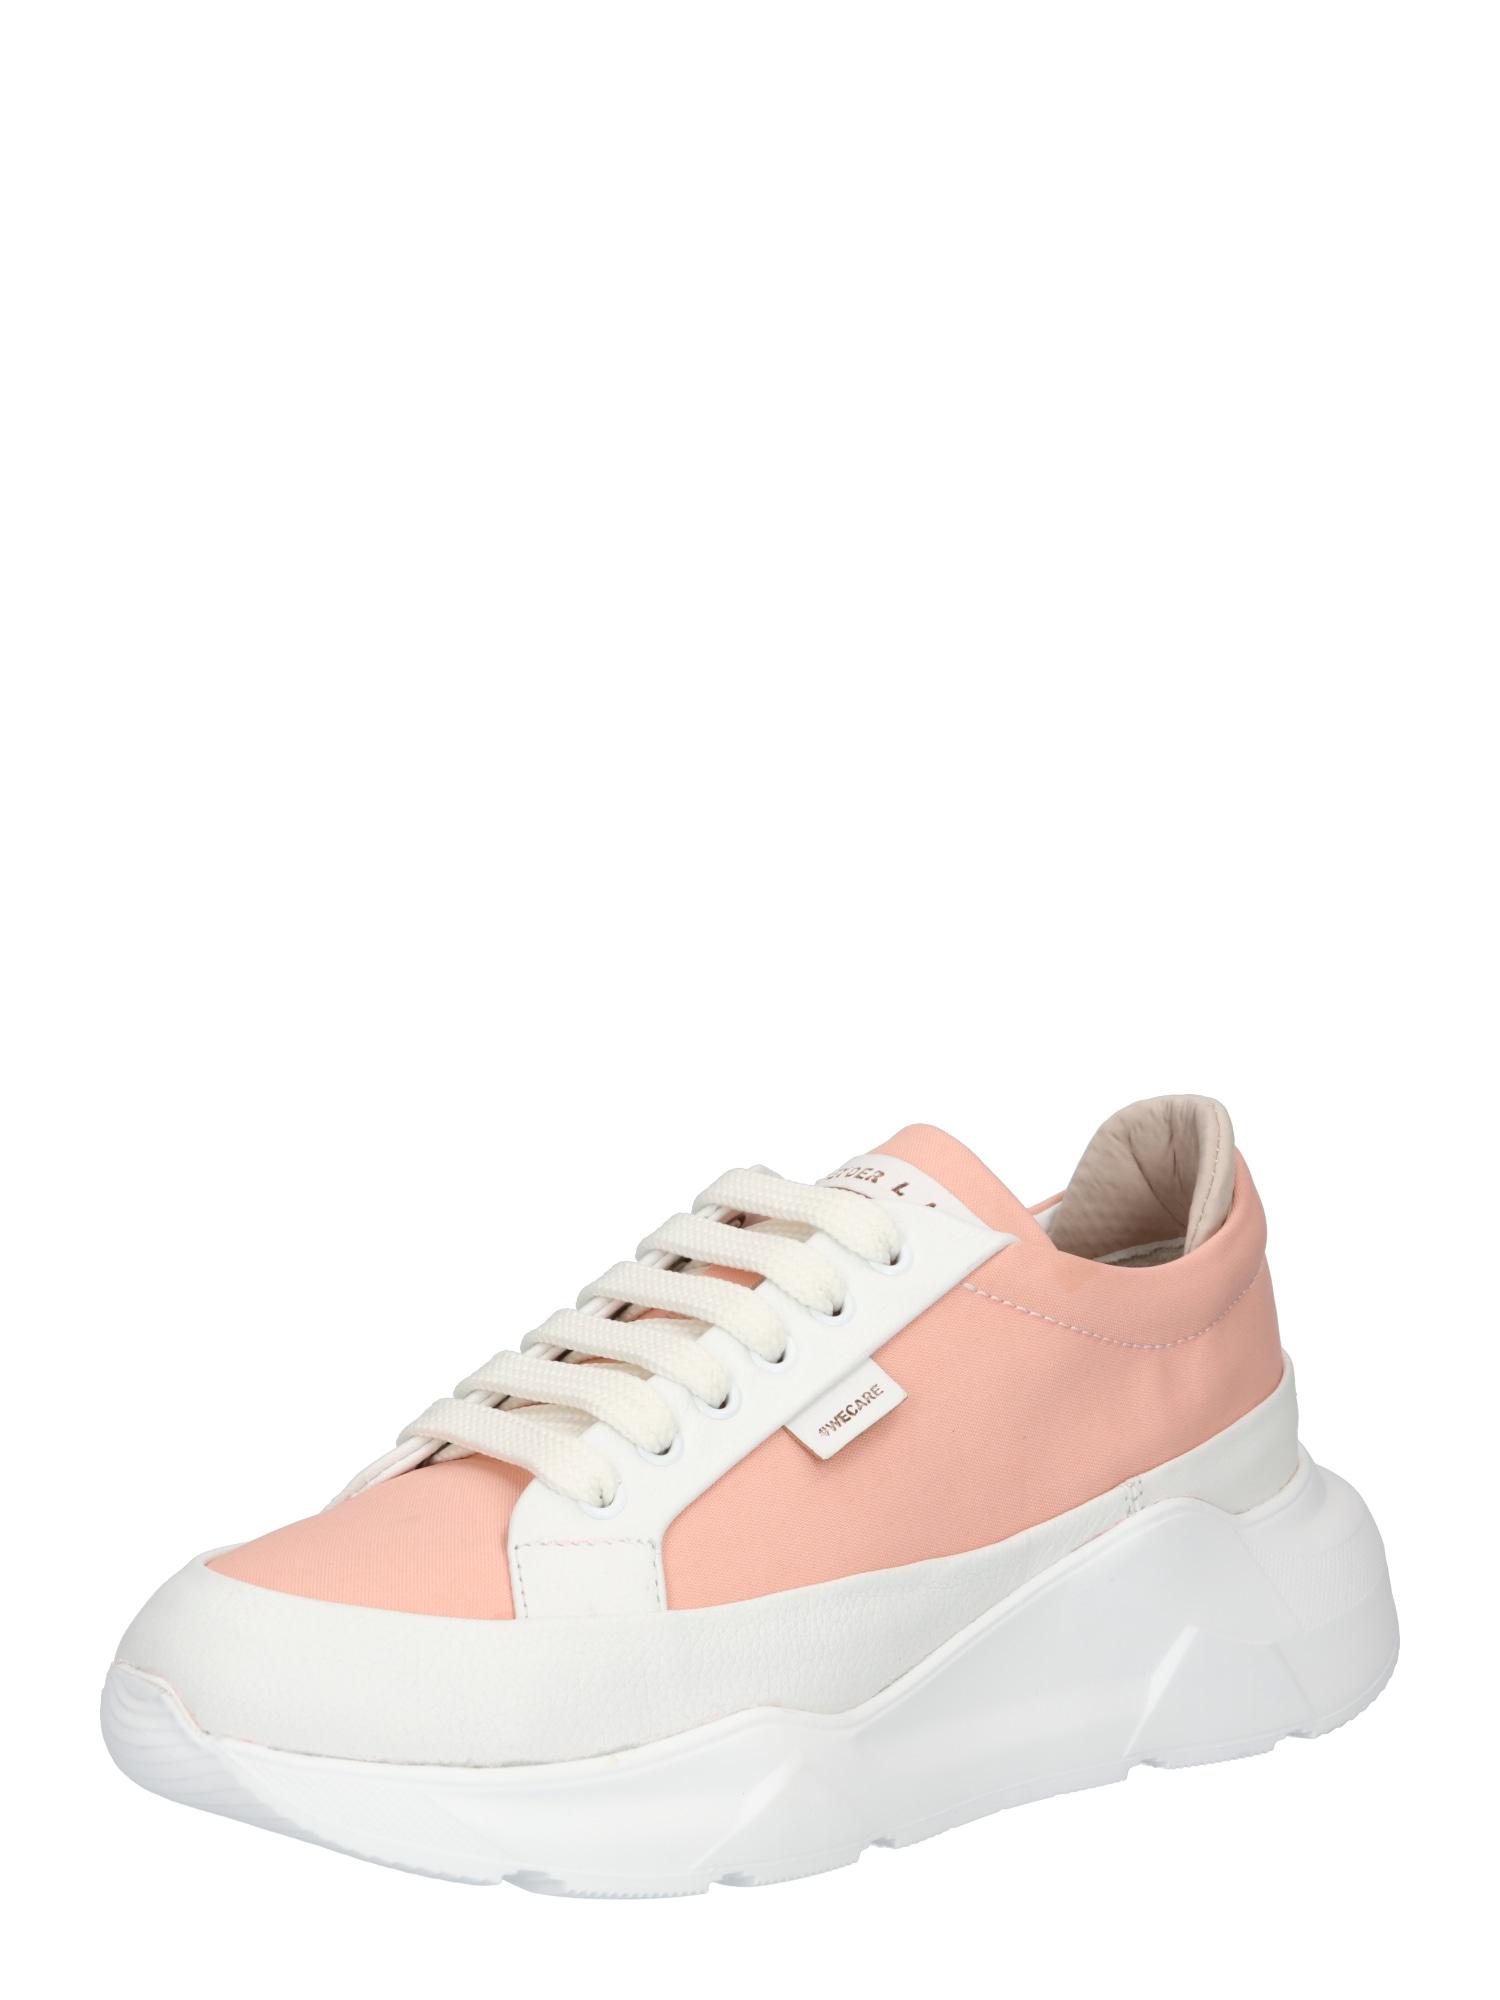 Greyderlab Sportbačiai be auliuko balta / ryškiai rožinė spalva